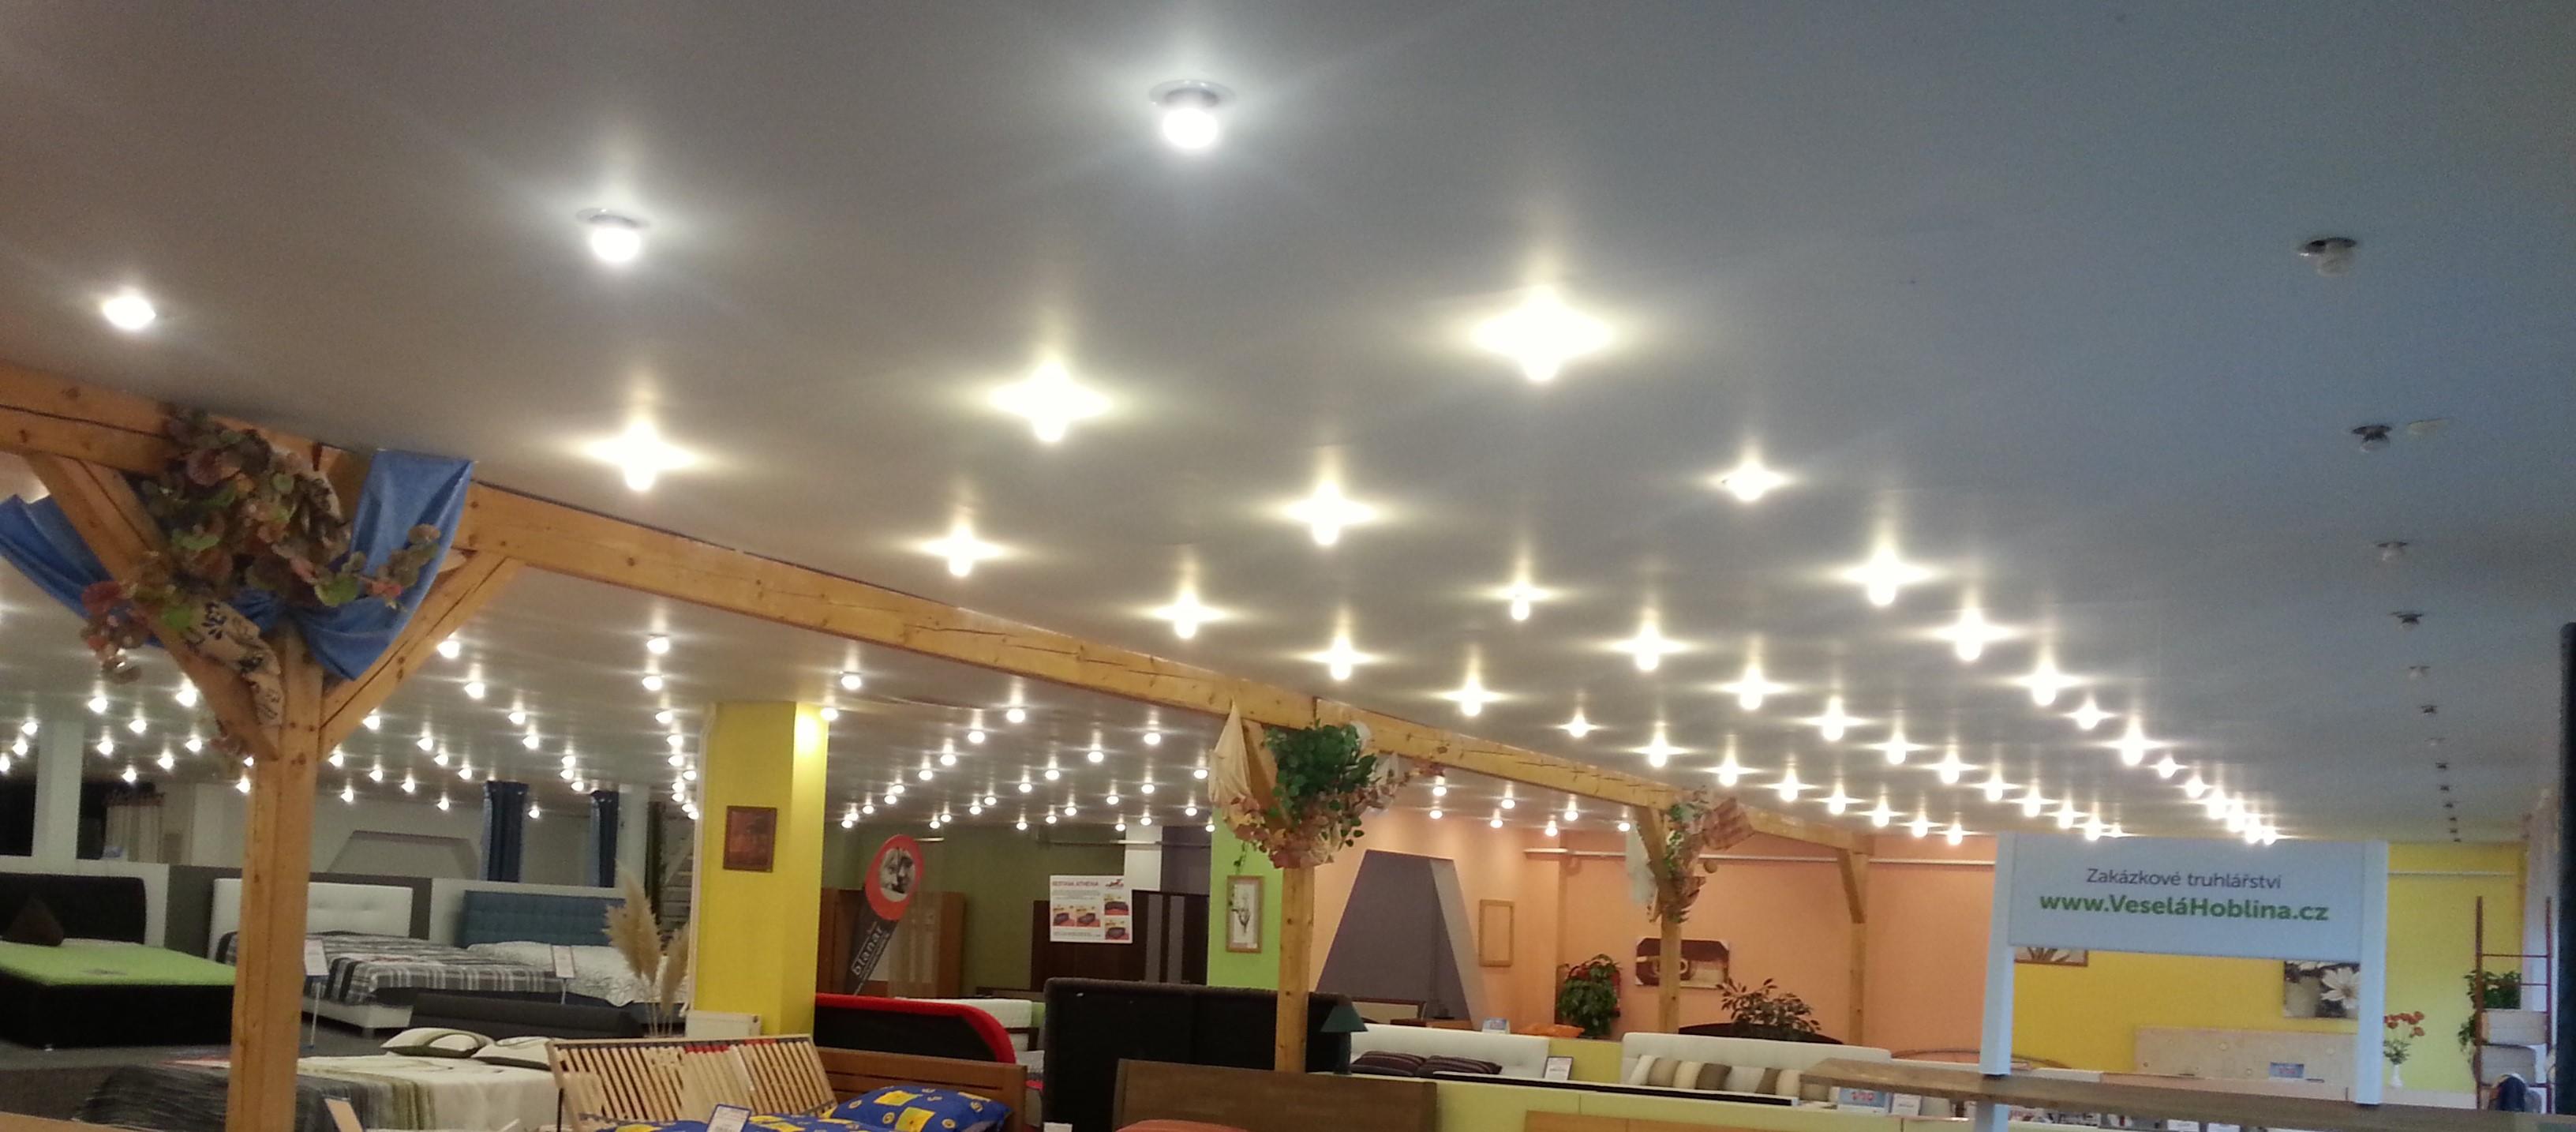 LED-osvetleni_prodejna_nabytku_led_zarovky_levne_spolehlive_kvalitni_rychle